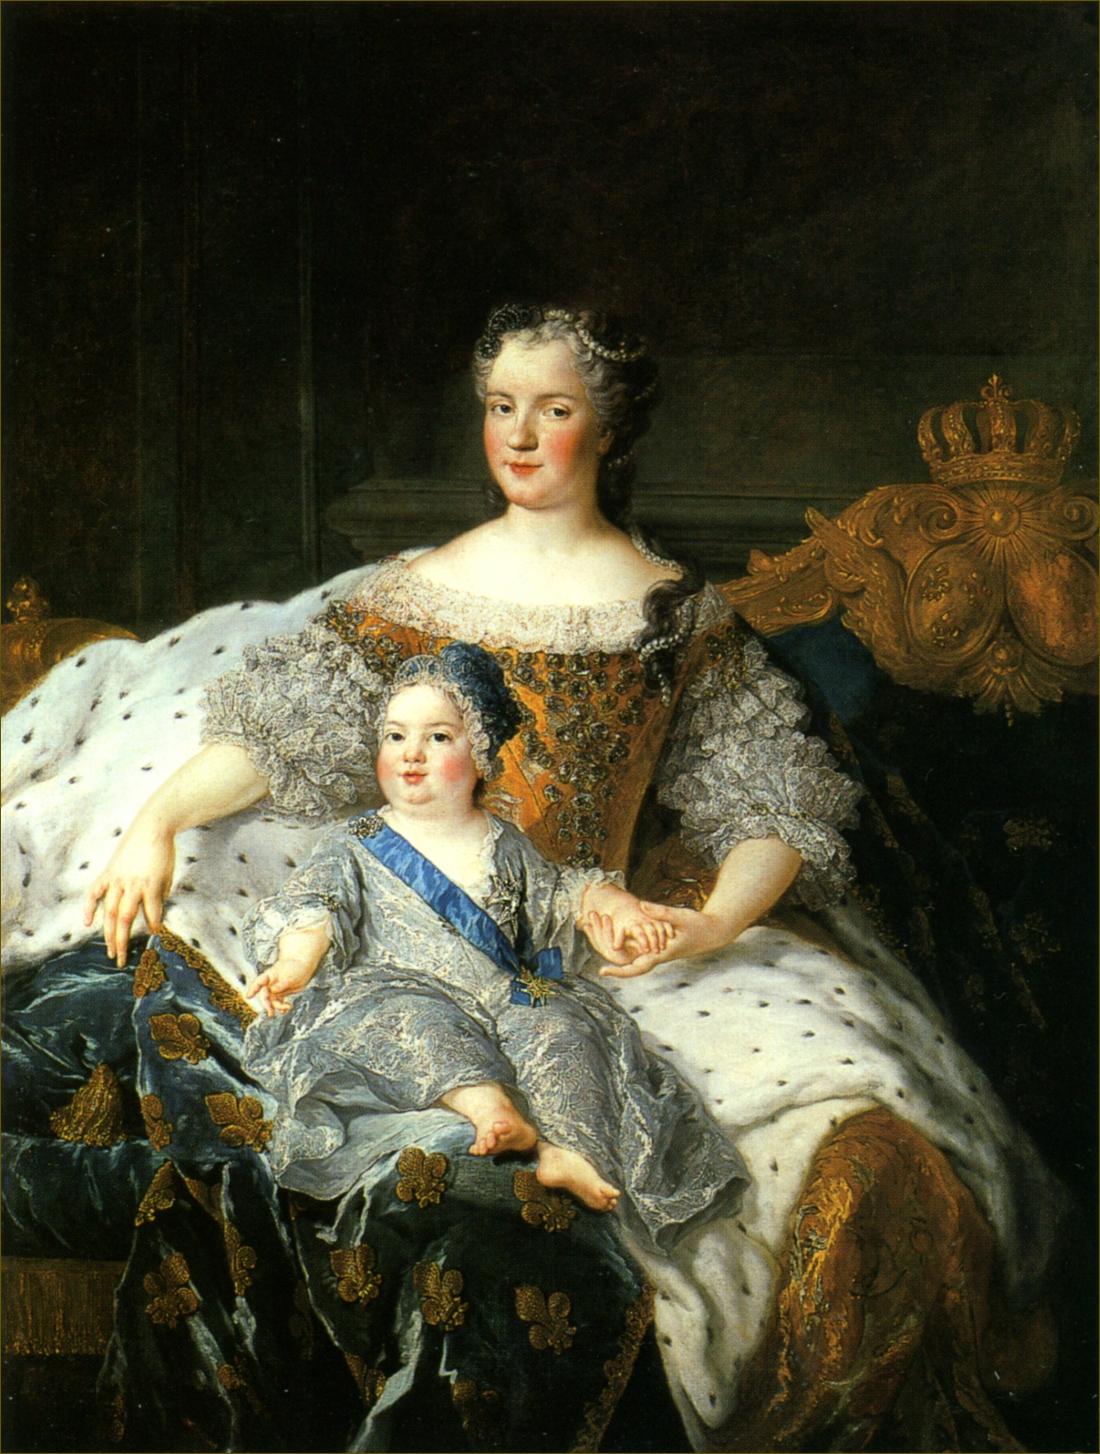 Marie Leczinska, reine de France, à 26 ans, avec son fils Louis, dauphin de France, en 1729, par Belle